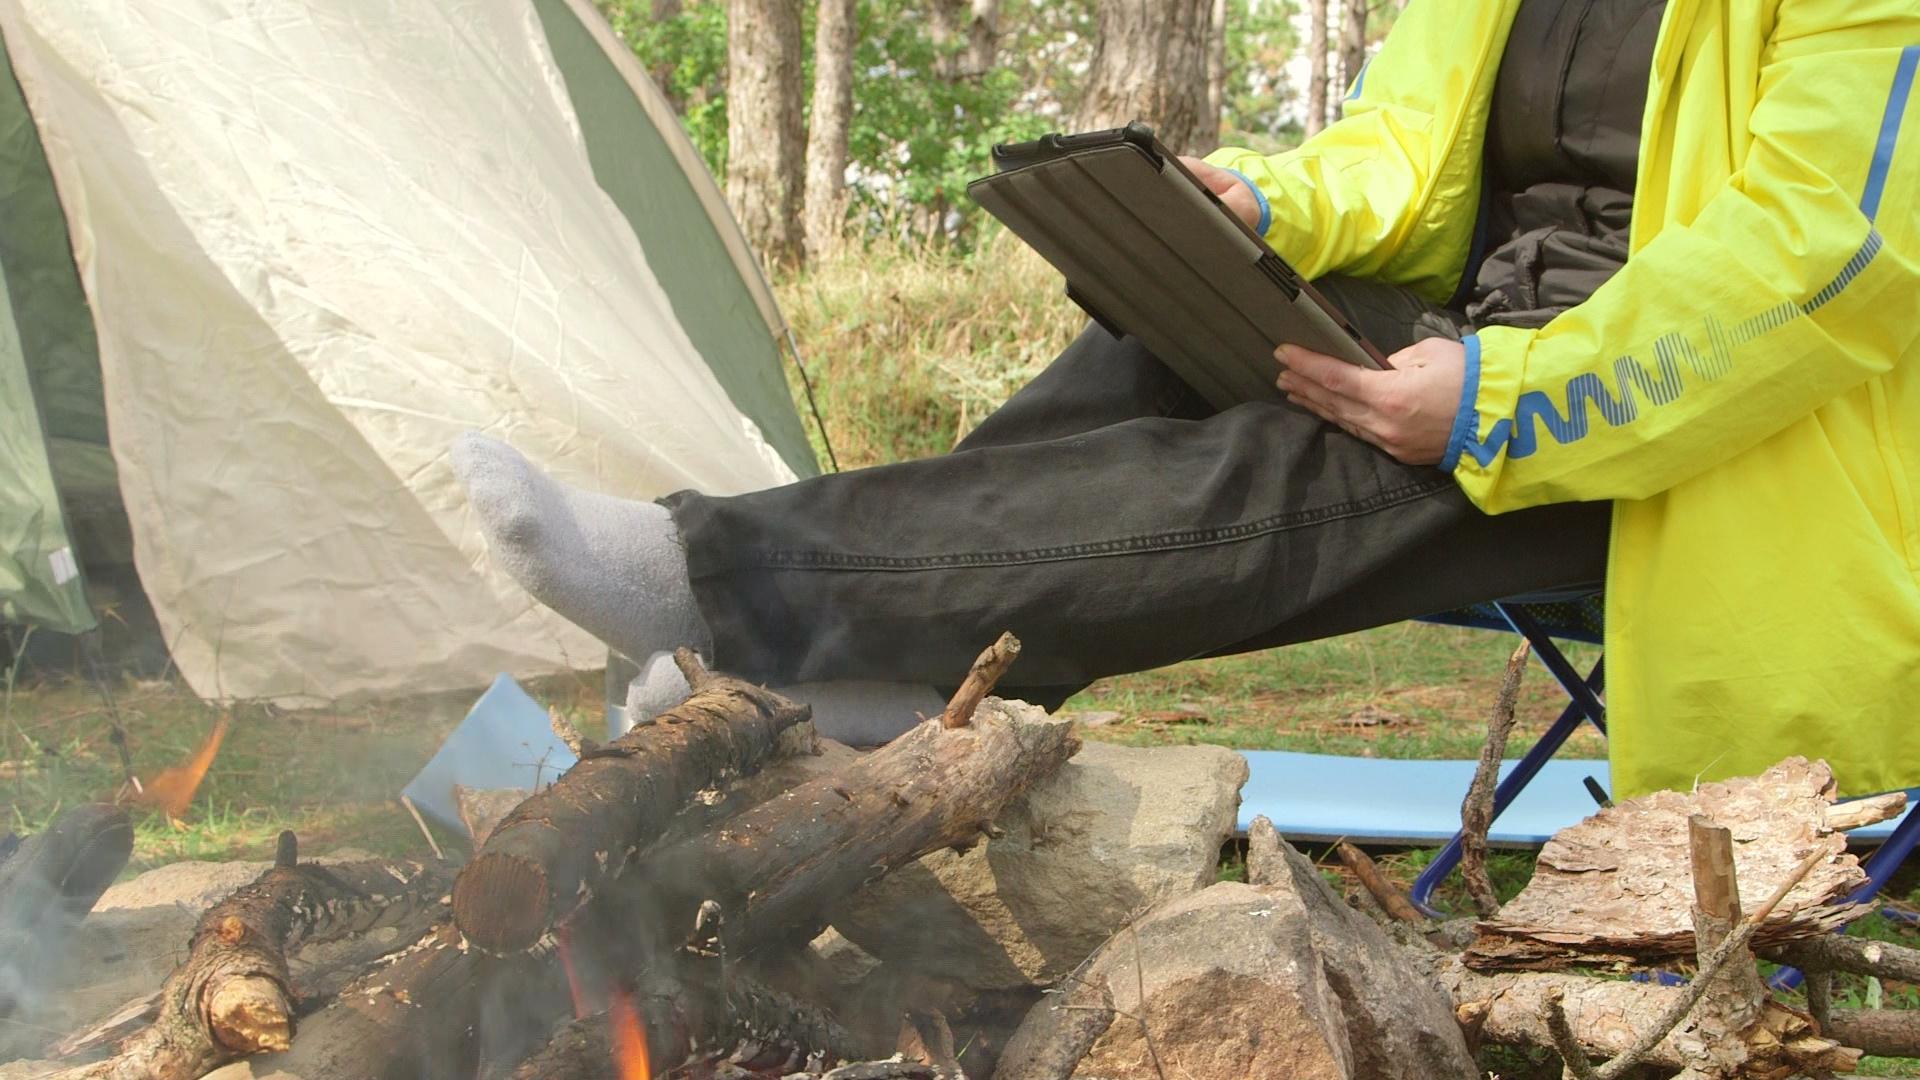 shutterstock_v5580743_Campfire_tablet